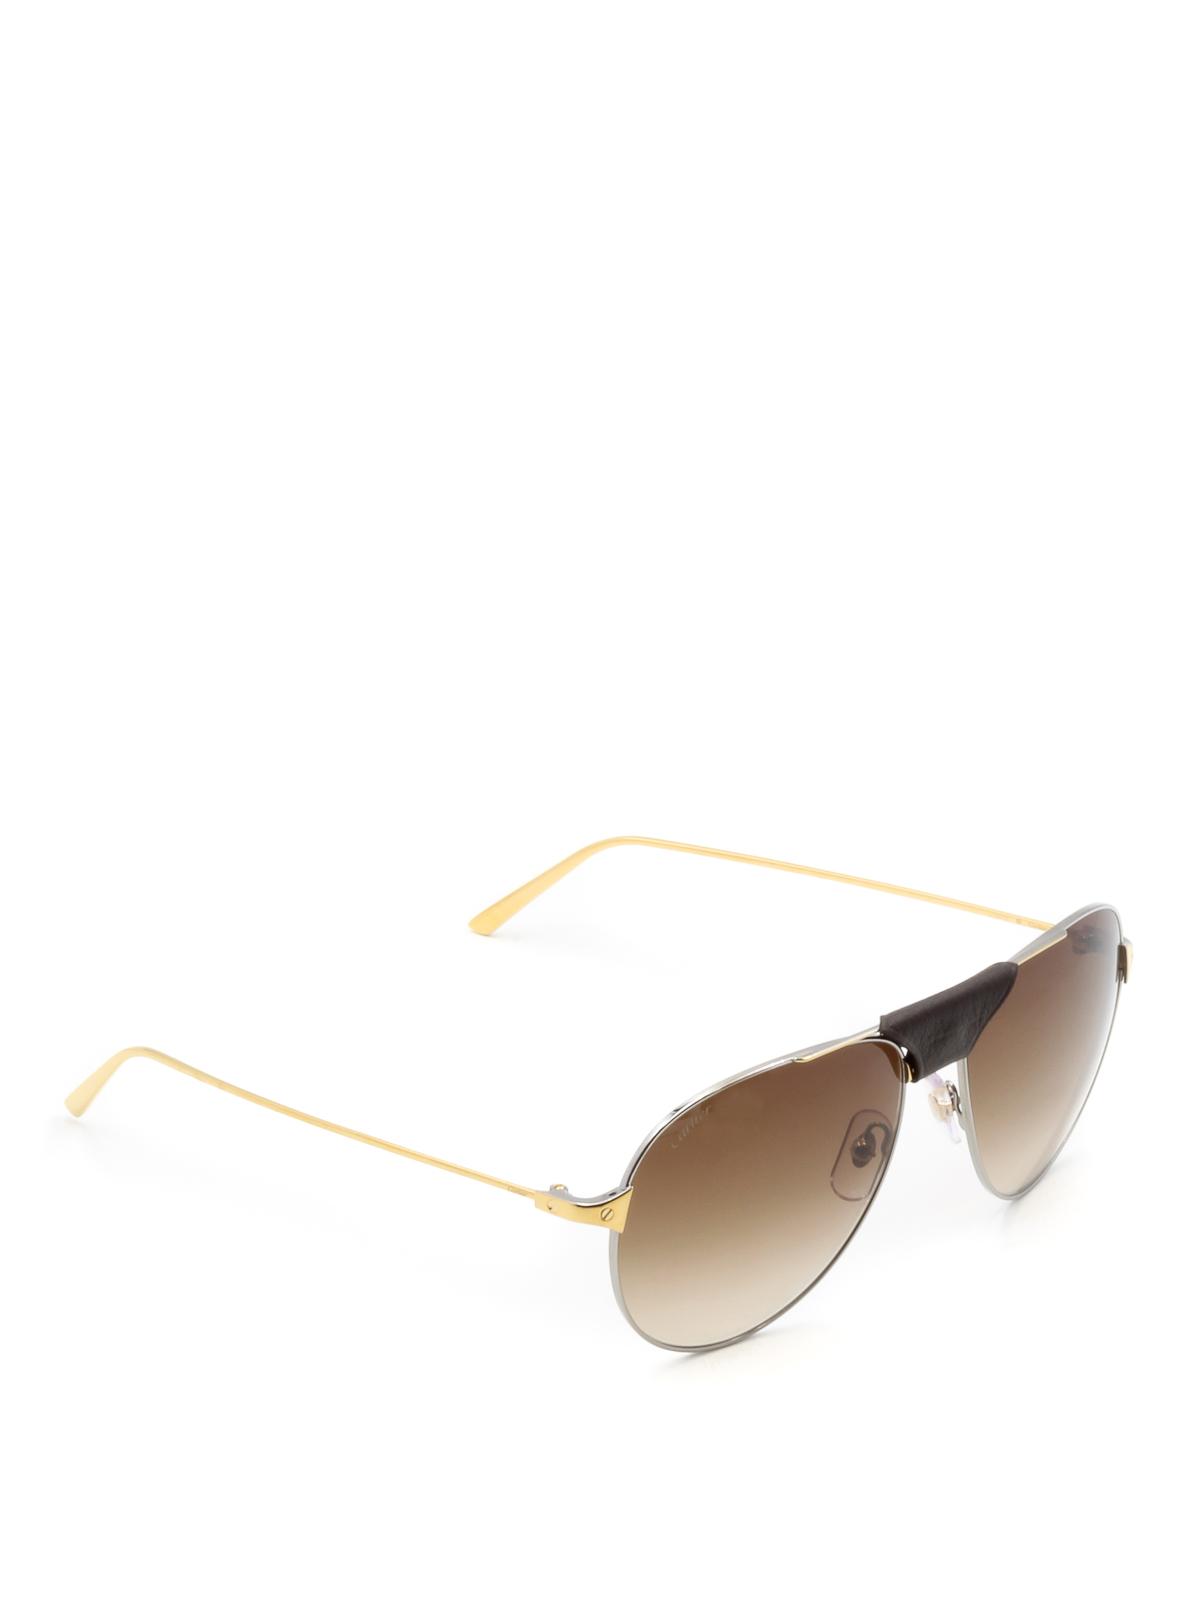 17dcf52ff6 Cartier - Santos de Cartier gold sunglasses - sunglasses - CT0038S8